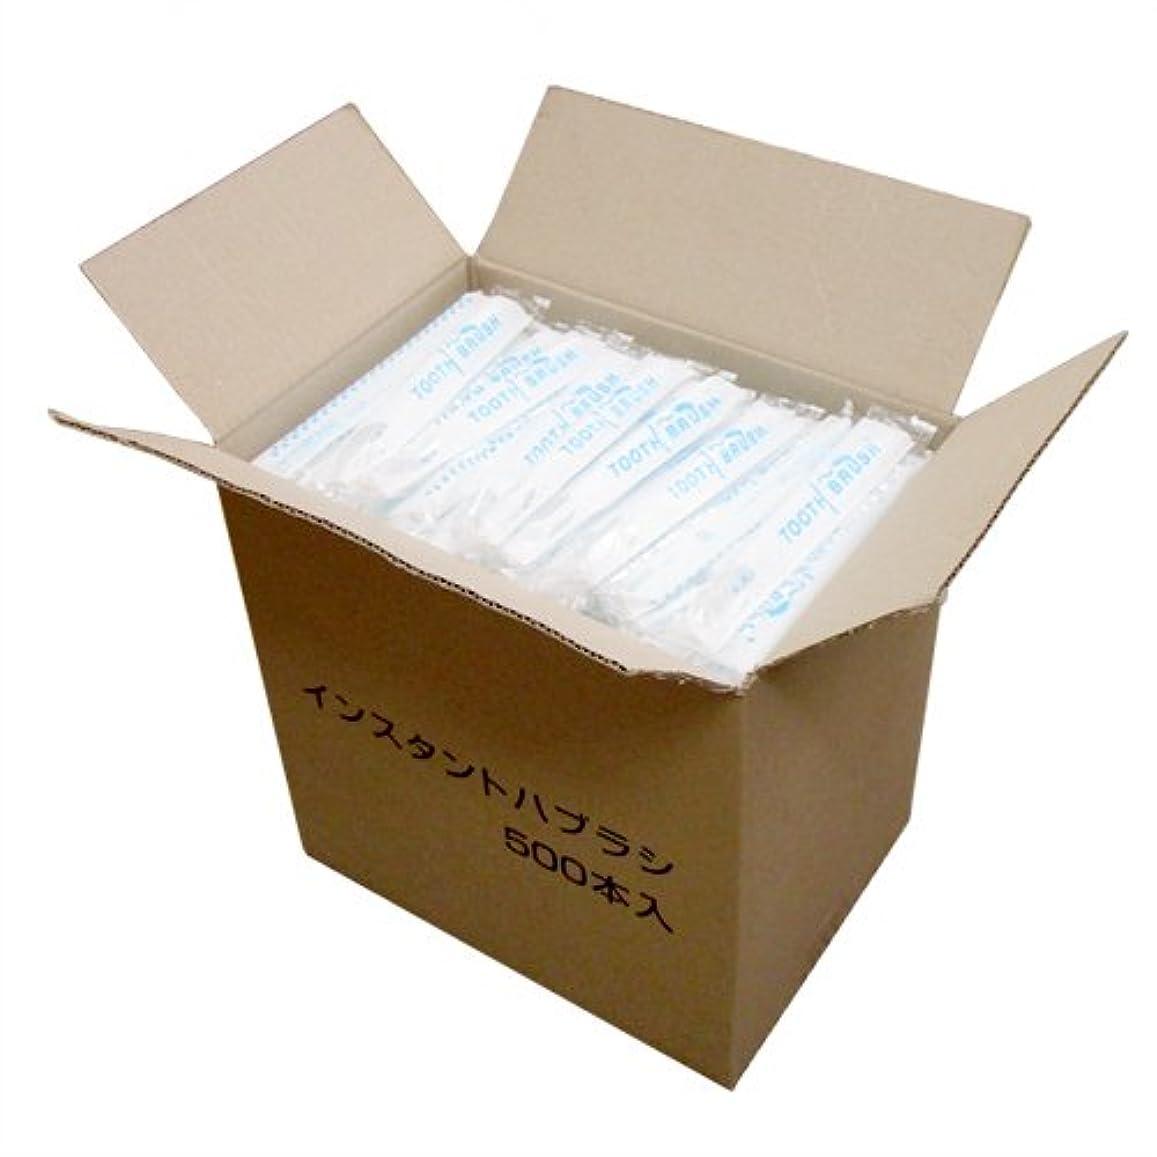 セーターパステル普遍的な業務用 日本製 使い捨て粉付き歯ブラシ 個包装タイプ 500本入×8箱 (4000本入)│ホテルアメニティ